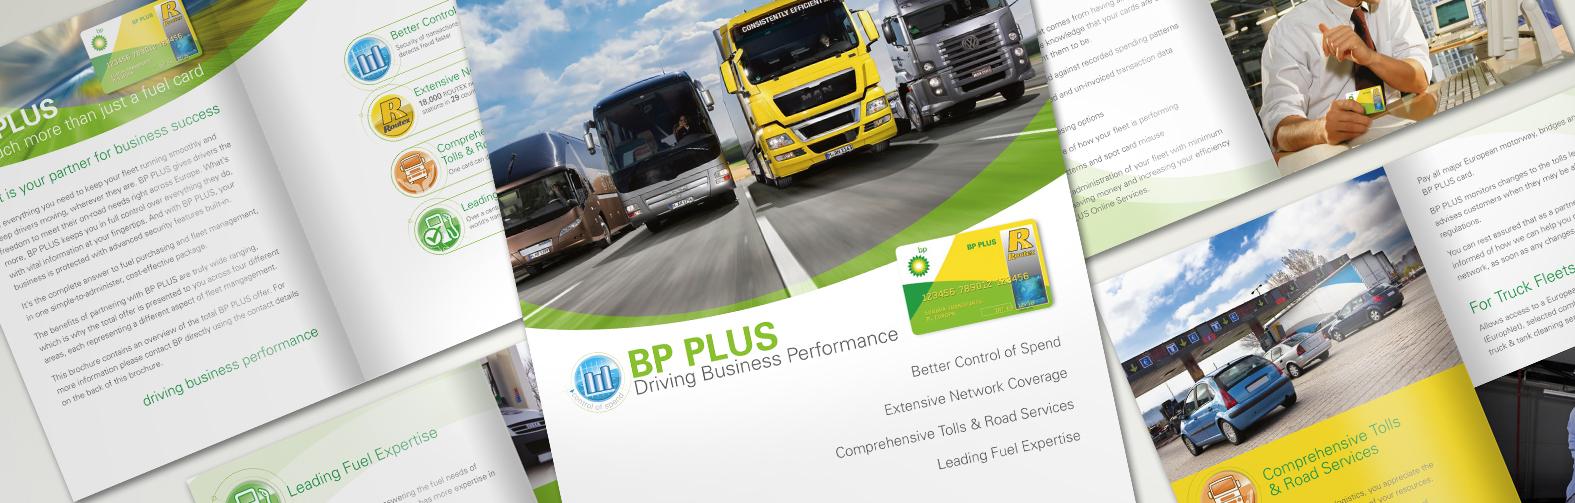 BP PLUS comp.jpg